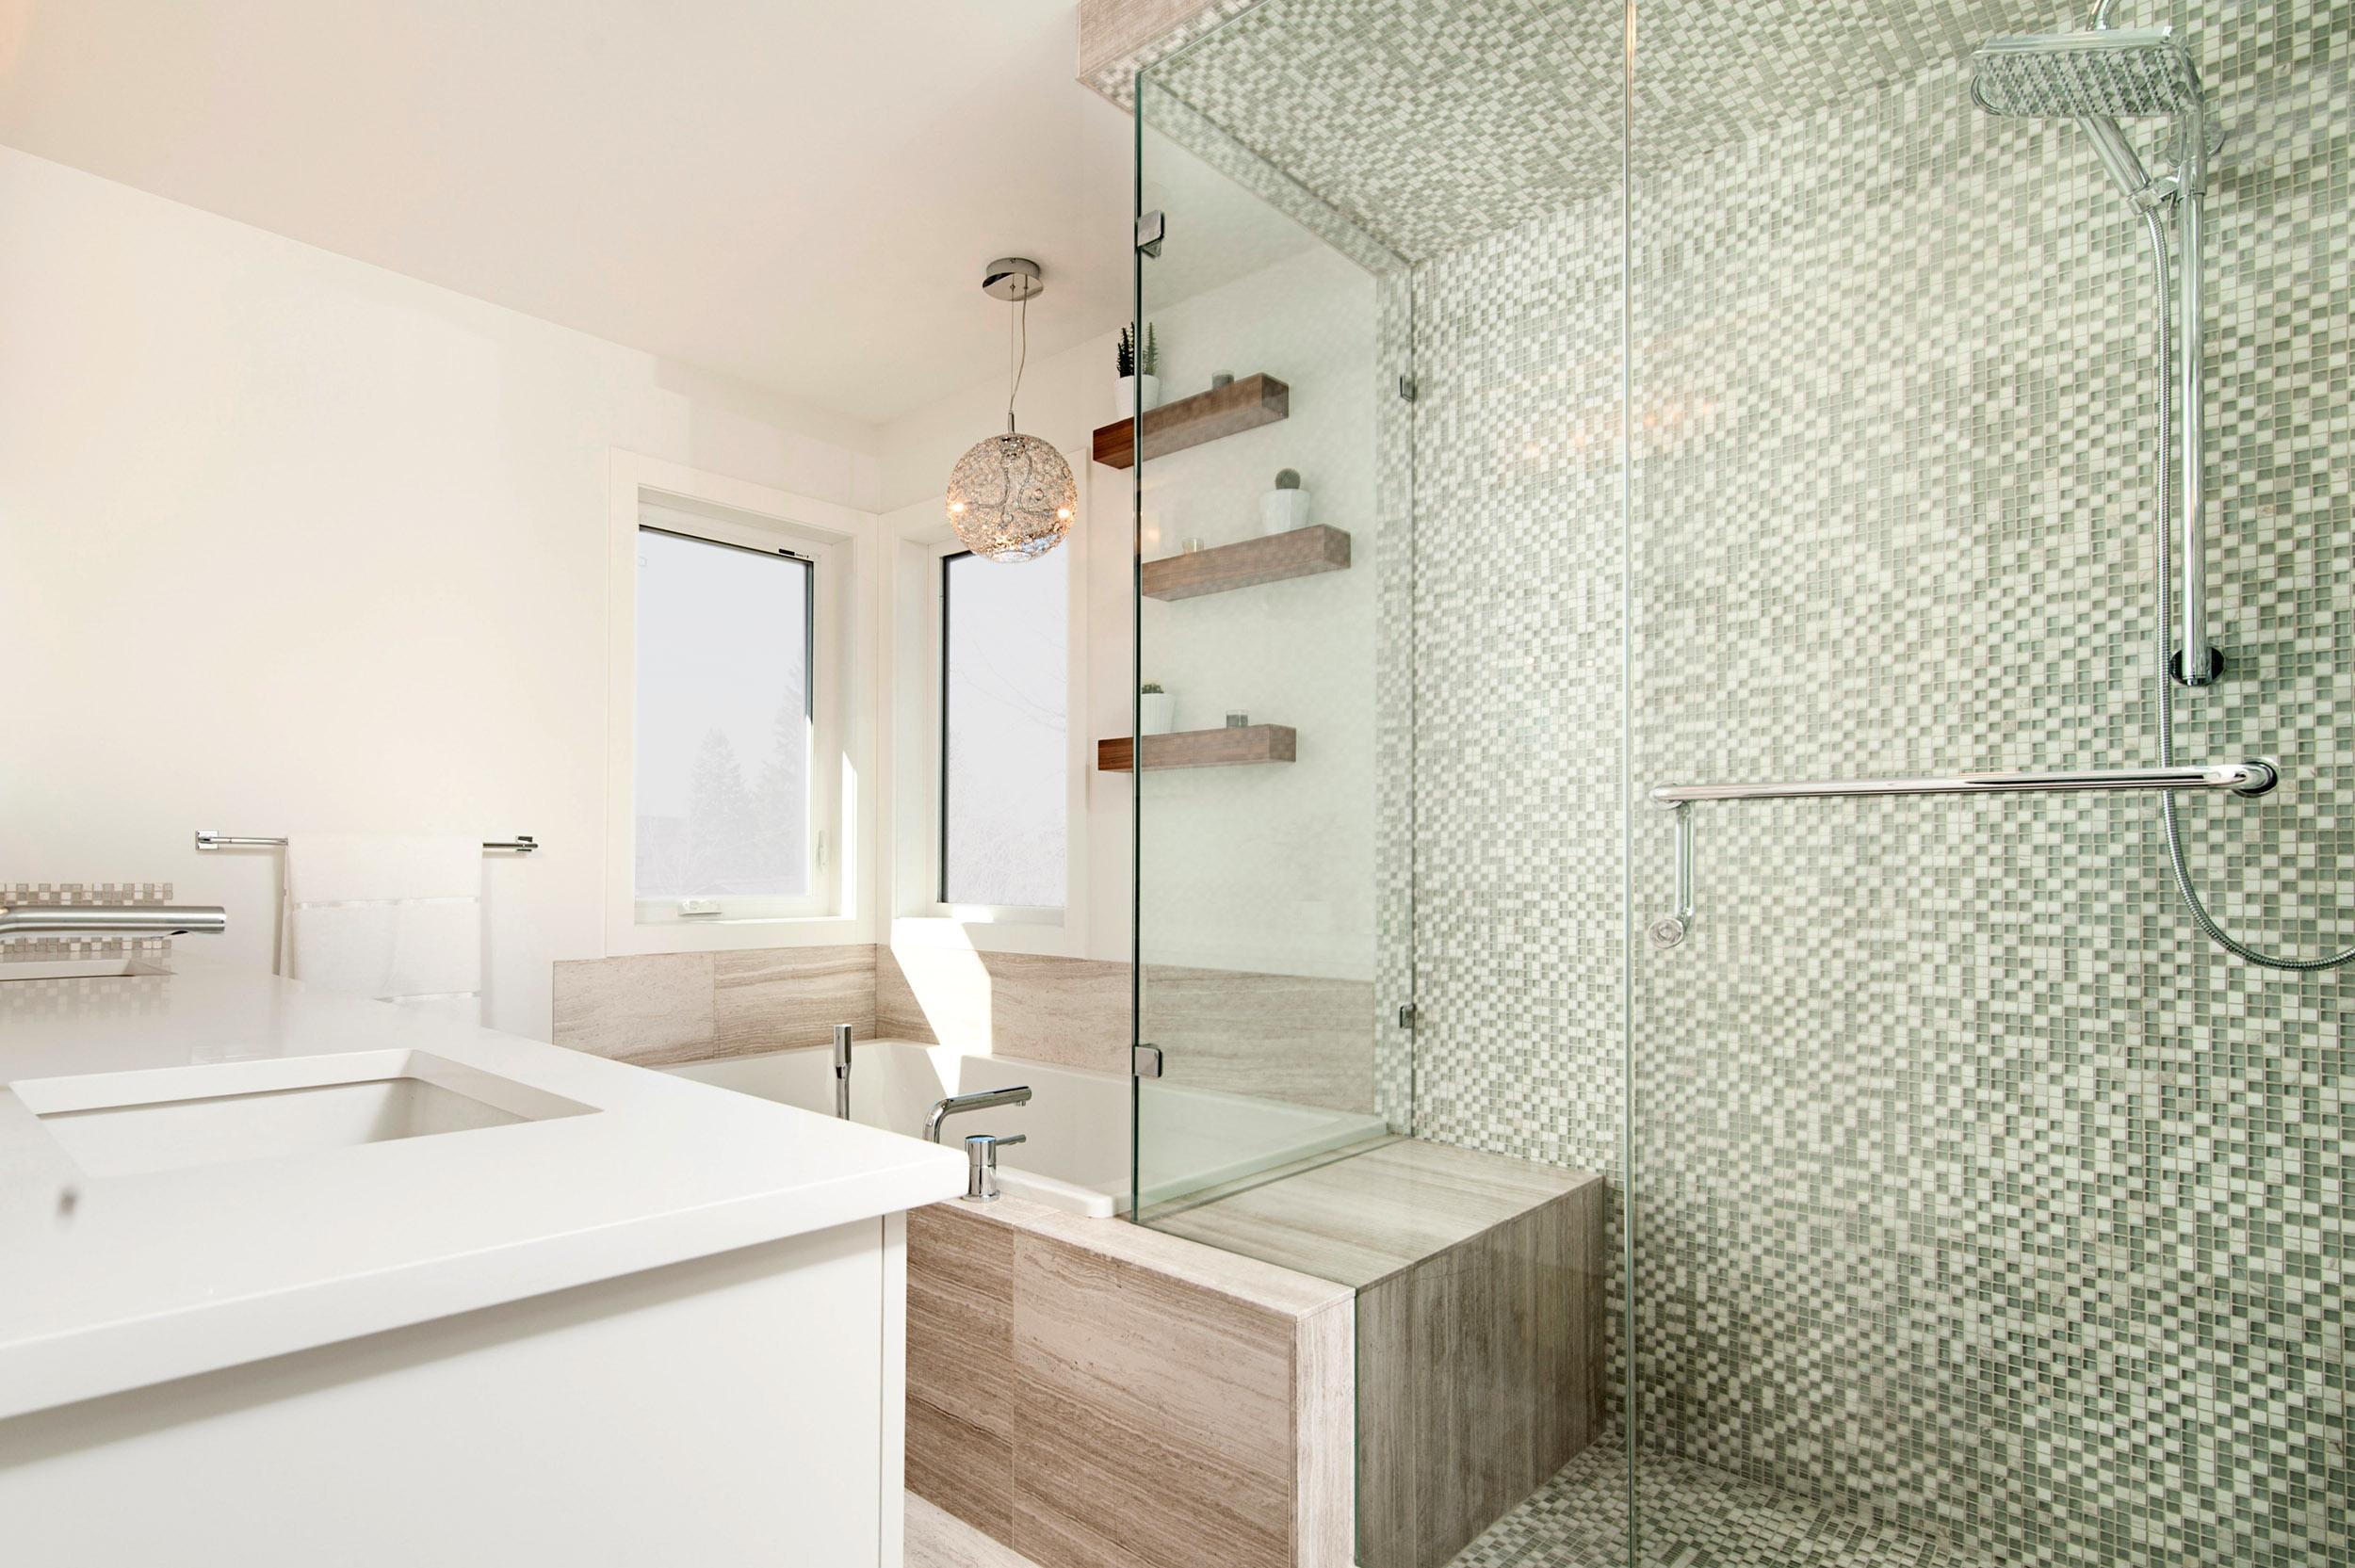 Tina con cortina de vidrio en uno de sus extremos, que complementa la decoración del baño